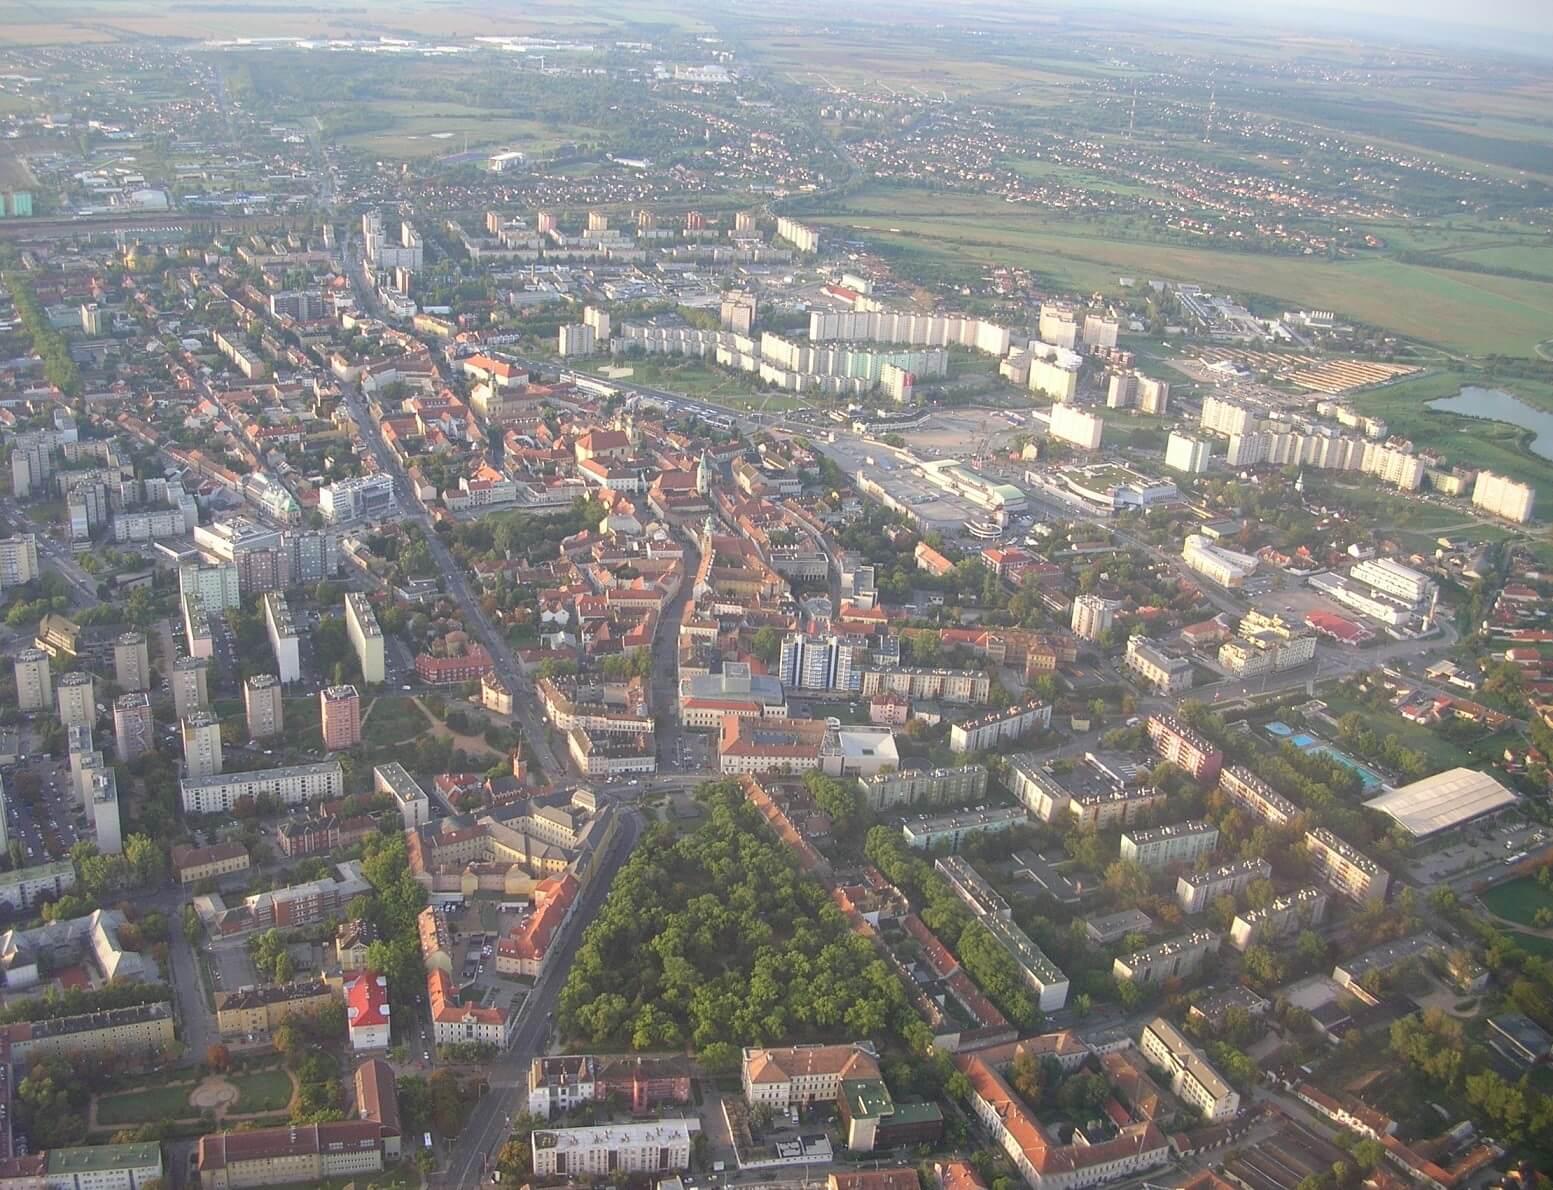 Megépül a déli összekötő Székesfehérváron, ipari zónákat is összekapcsol